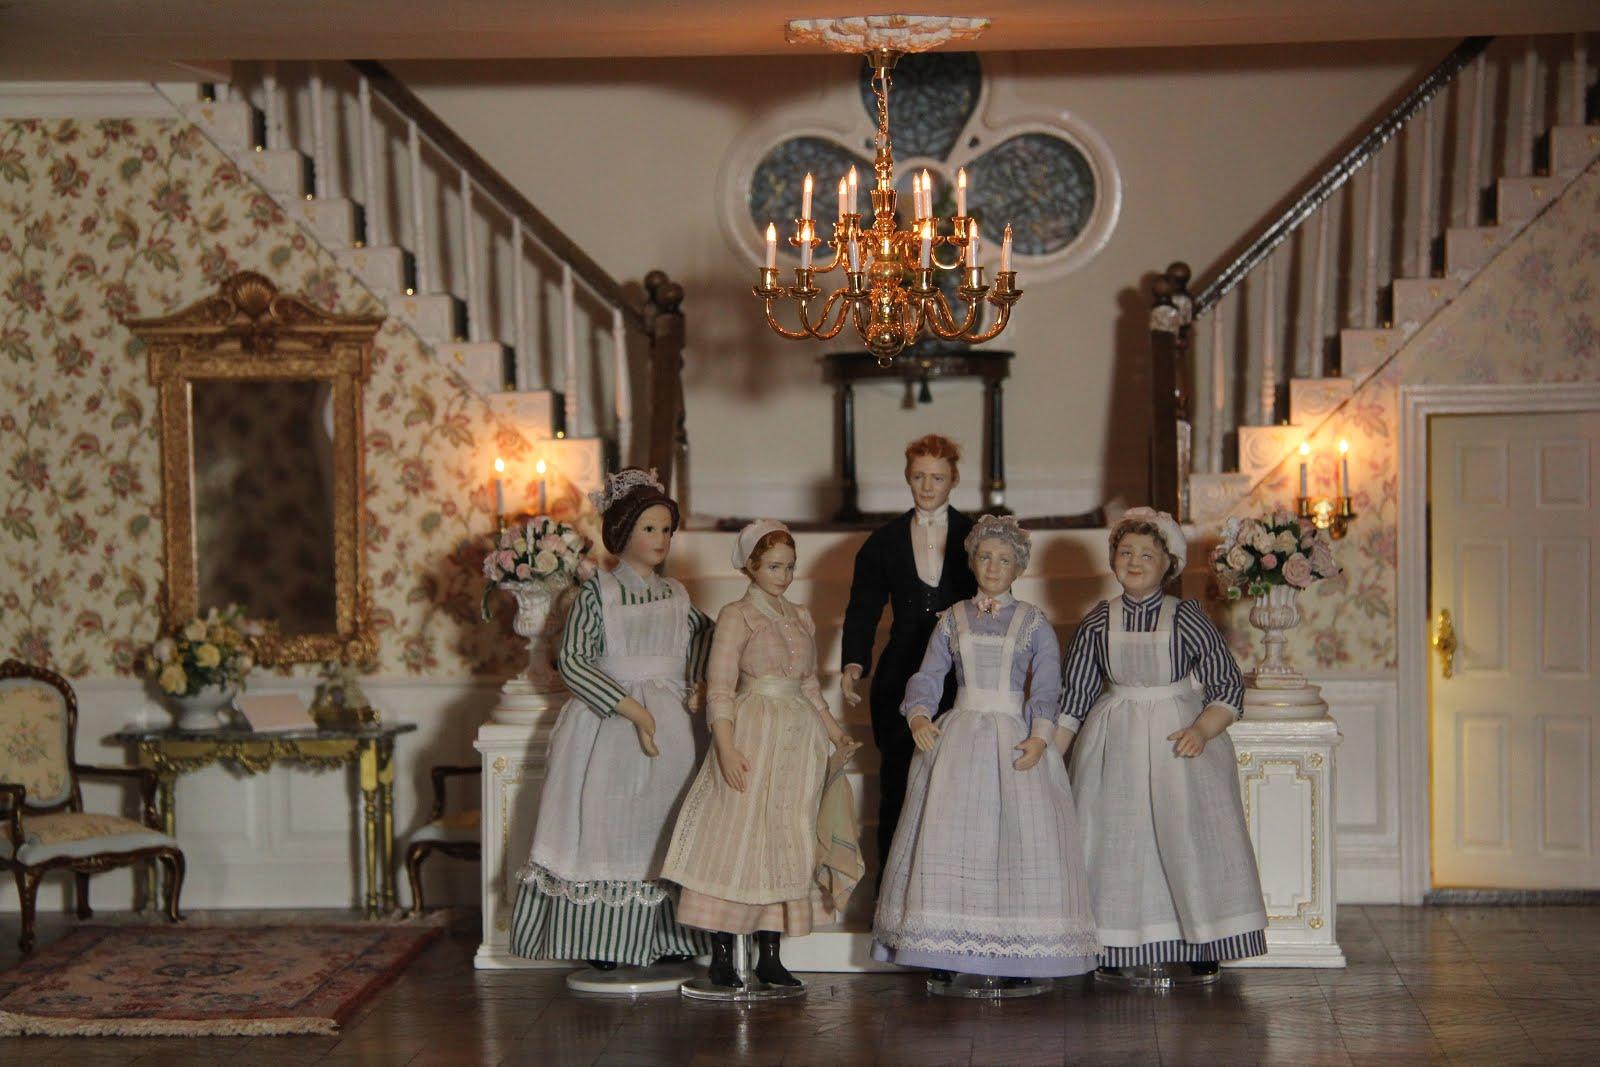 Butlern Mr Adam, nanny Klara, kokerskan Fru Landén, huspiga Stina och kökshjälp Elsa